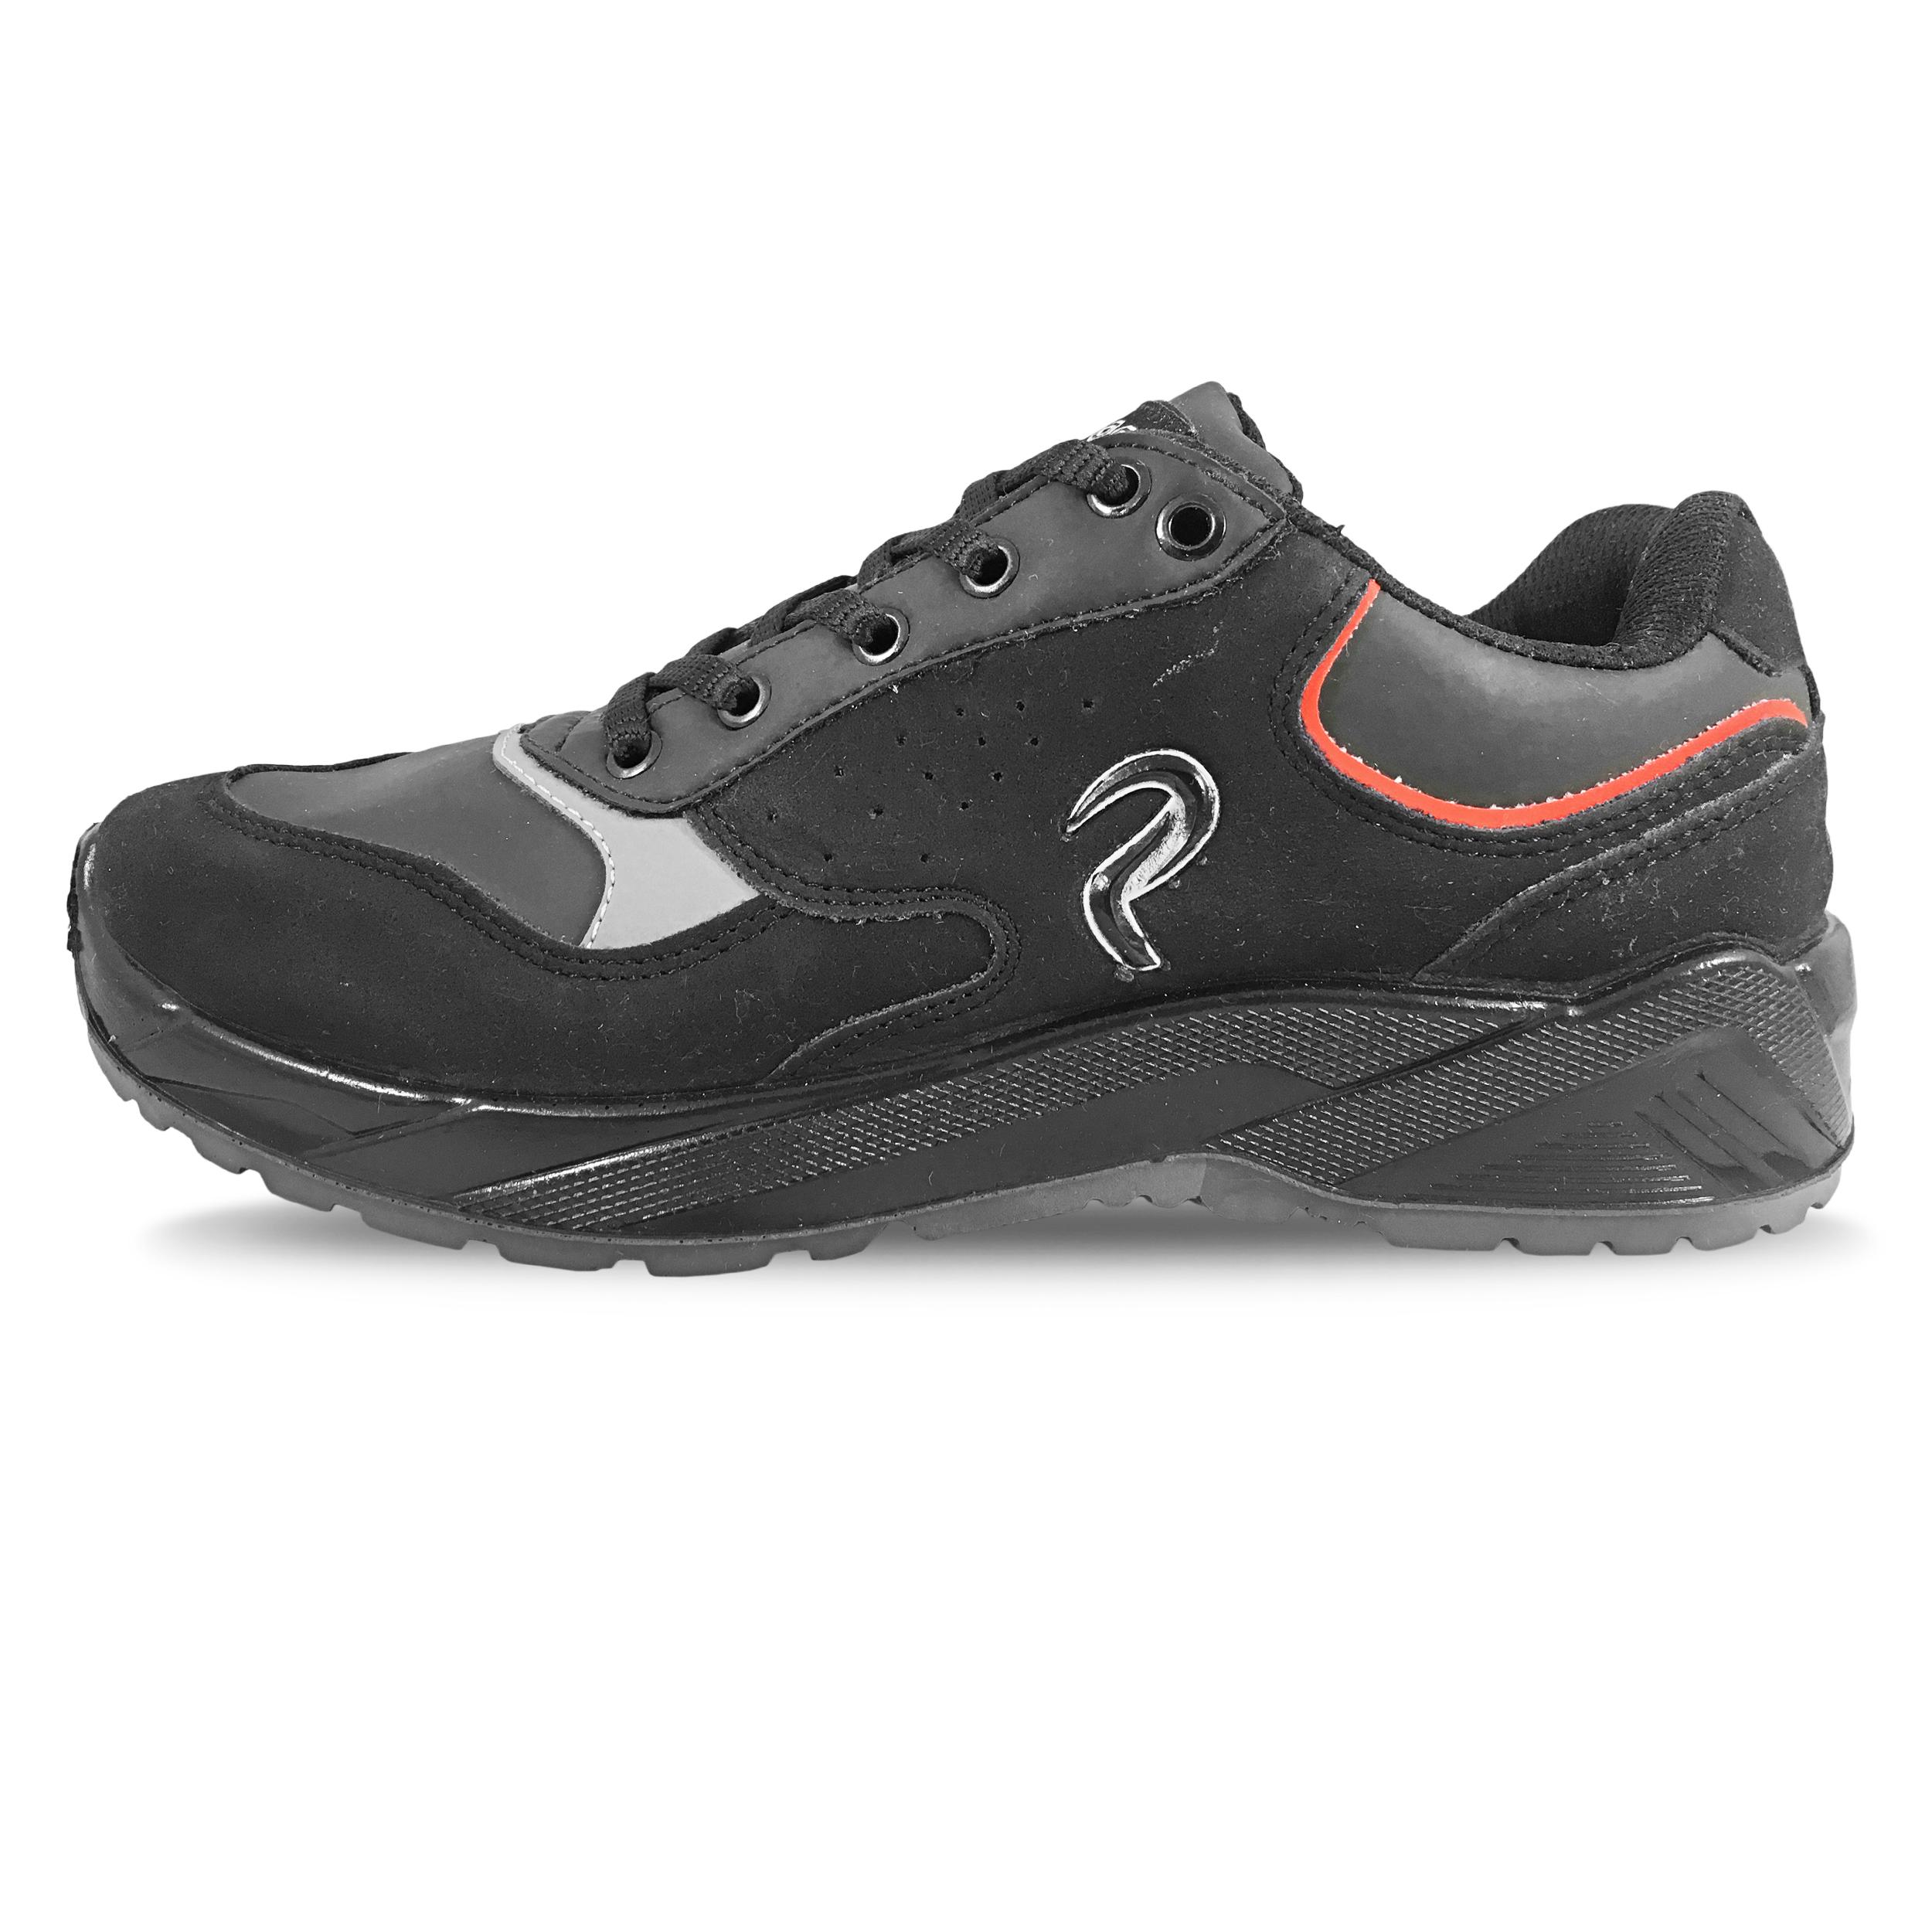 قیمت کفش پیاده روی مردانه پادوکا مدل اسلوبی کد 3994